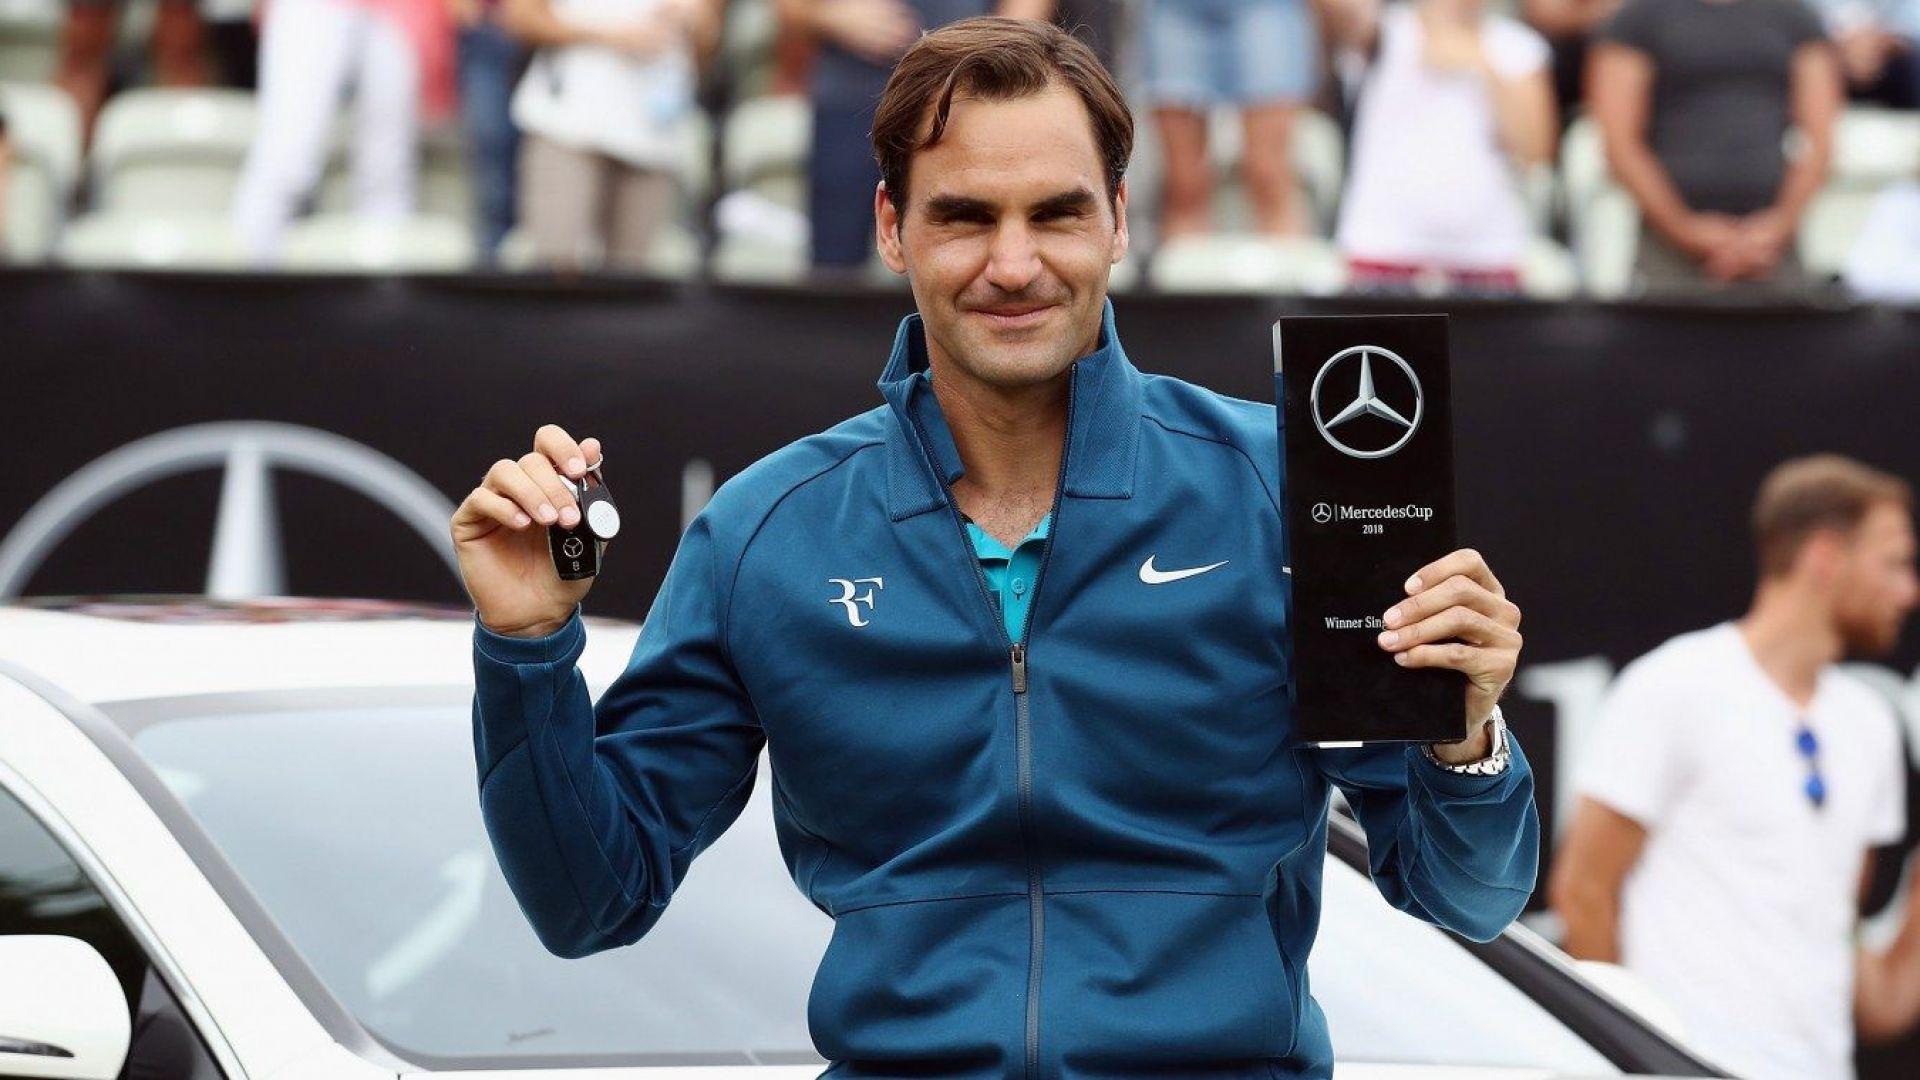 Защо Федерер печели повече пари от Надал?